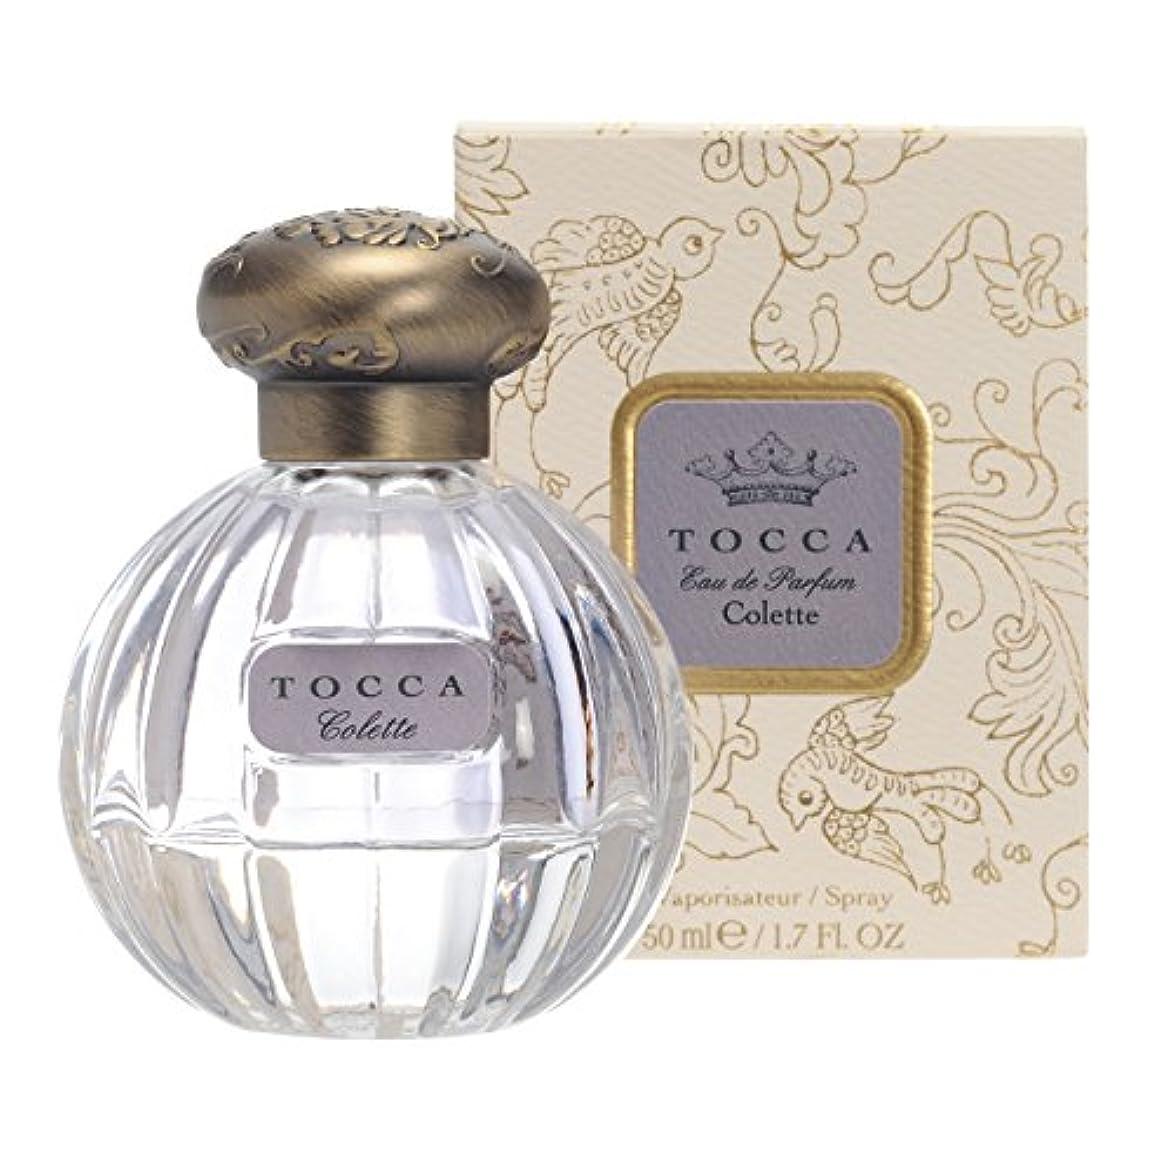 アリス前者ペチュランストッカ(TOCCA) オードパルファム コレットの香り 50ml(香水 ベルガモットとジュニパーが絡み合う甘くスパイシーな香り)